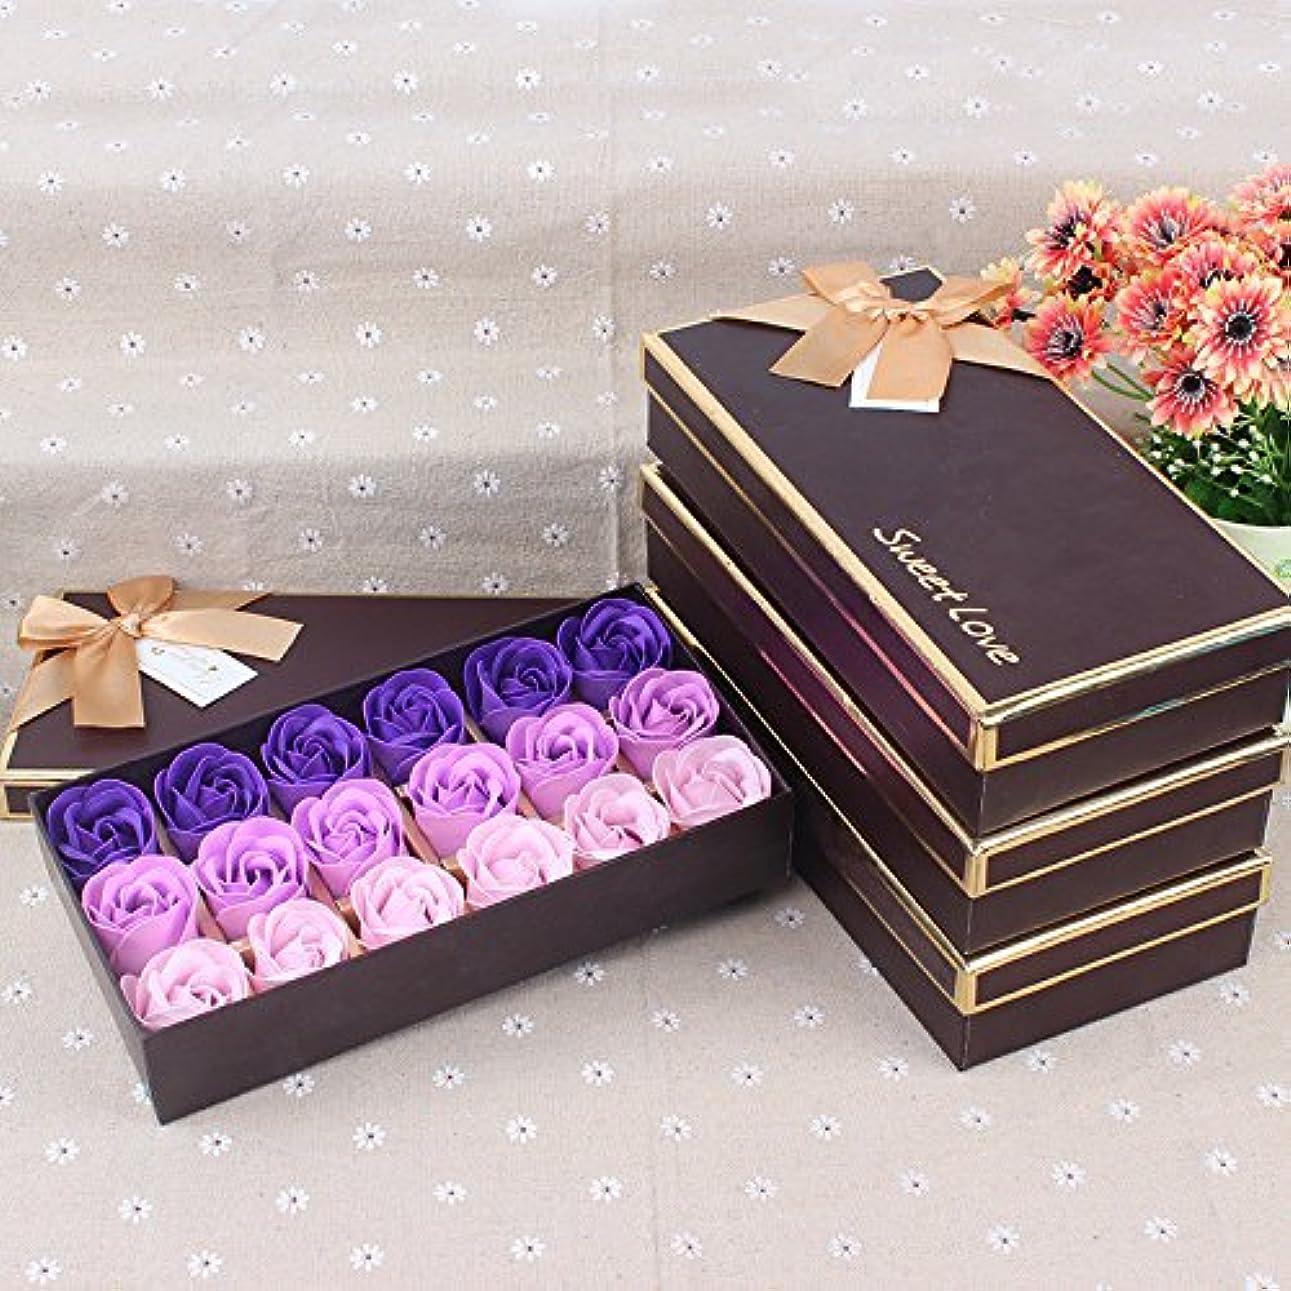 隣人ロマンチック非常にWeryn(TM)結婚式のためのギフトボックスバレンタインデーの愛の贈り物で18バラセット香りの入浴ソープローズソープ花びら[Purplegradient]